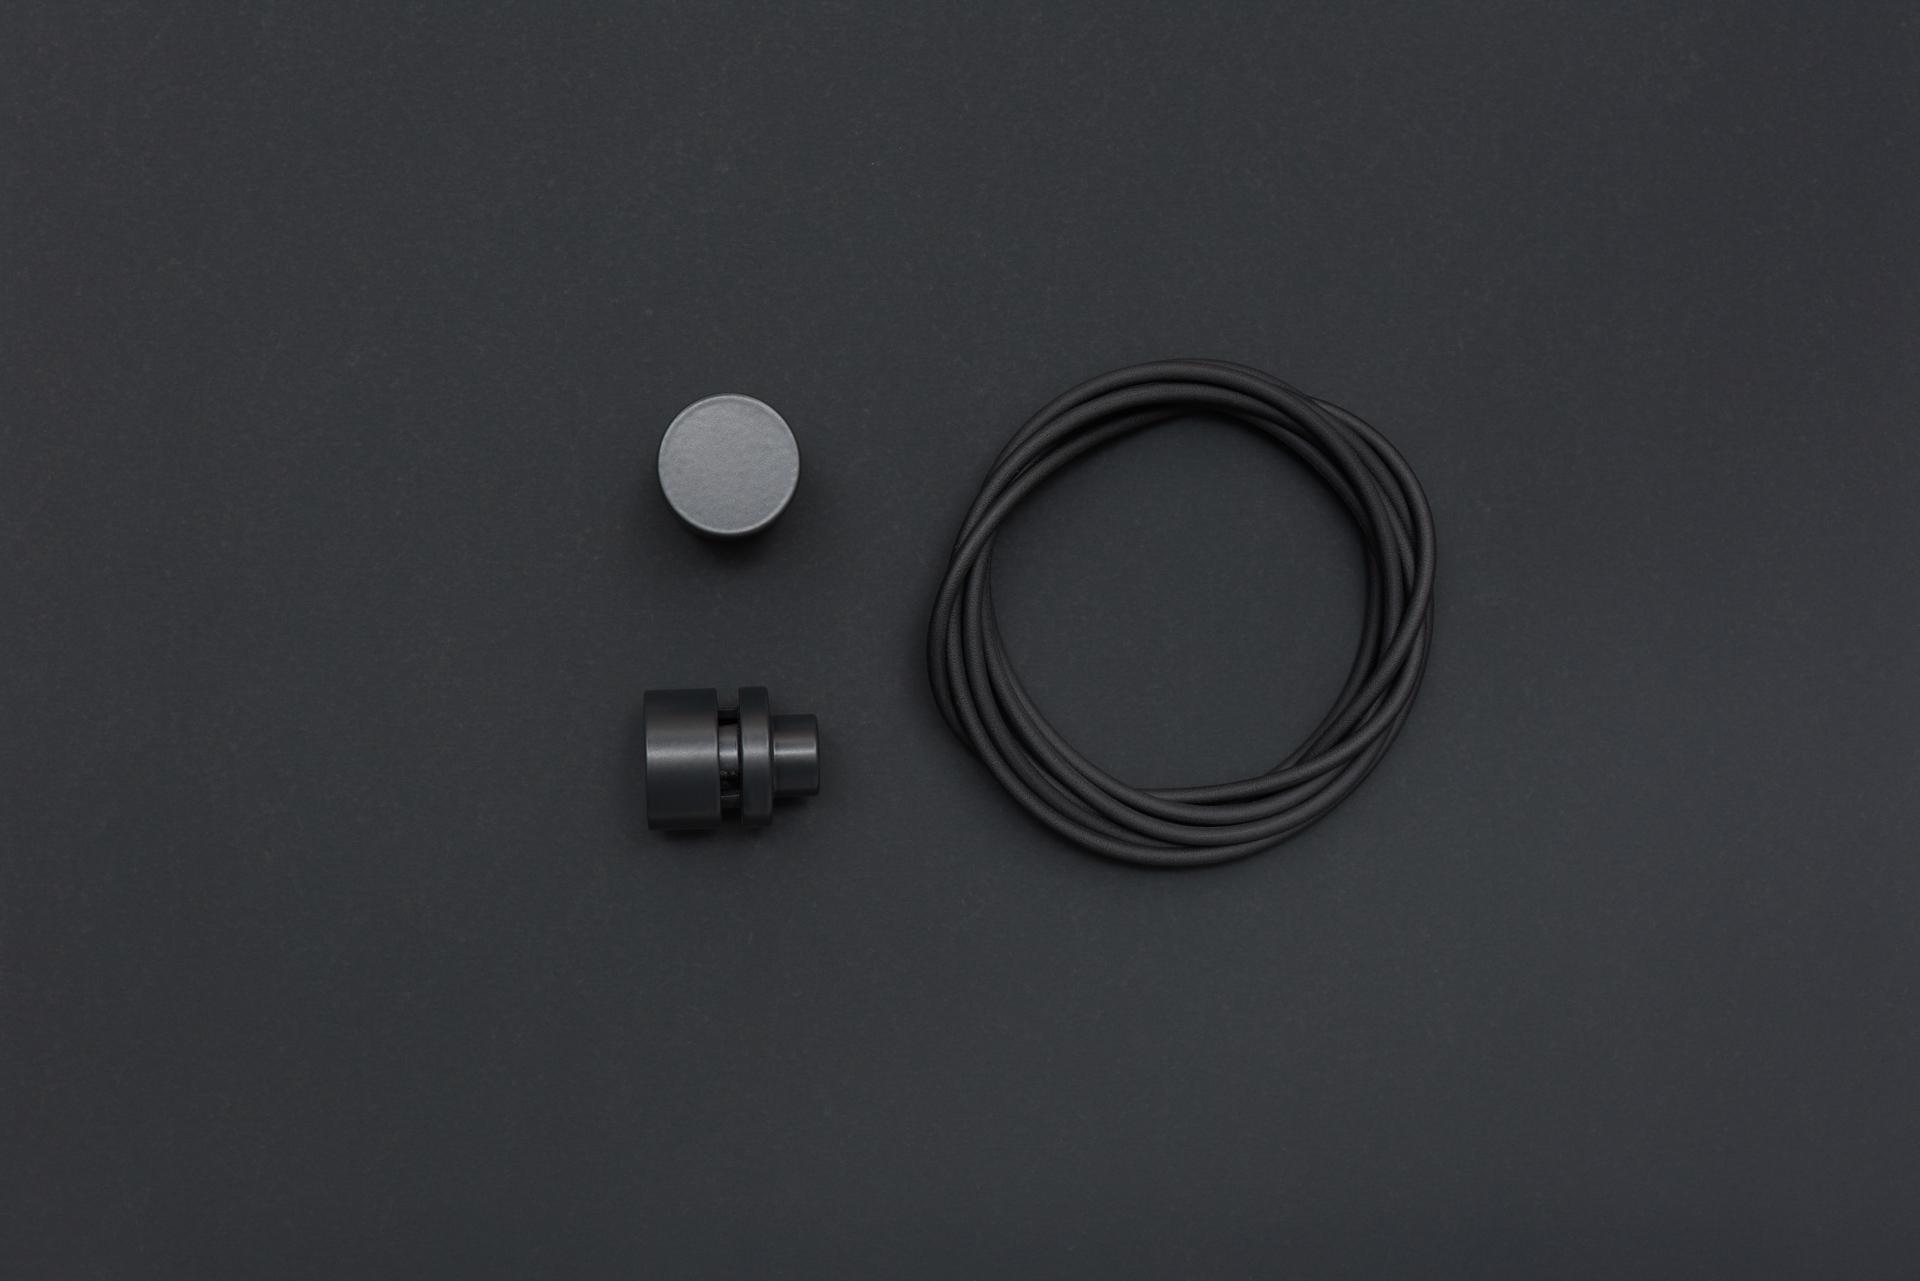 Produktfoto: Cluster dots von Studio Moritz Putzier und Pascal Howe für ACME Supplies